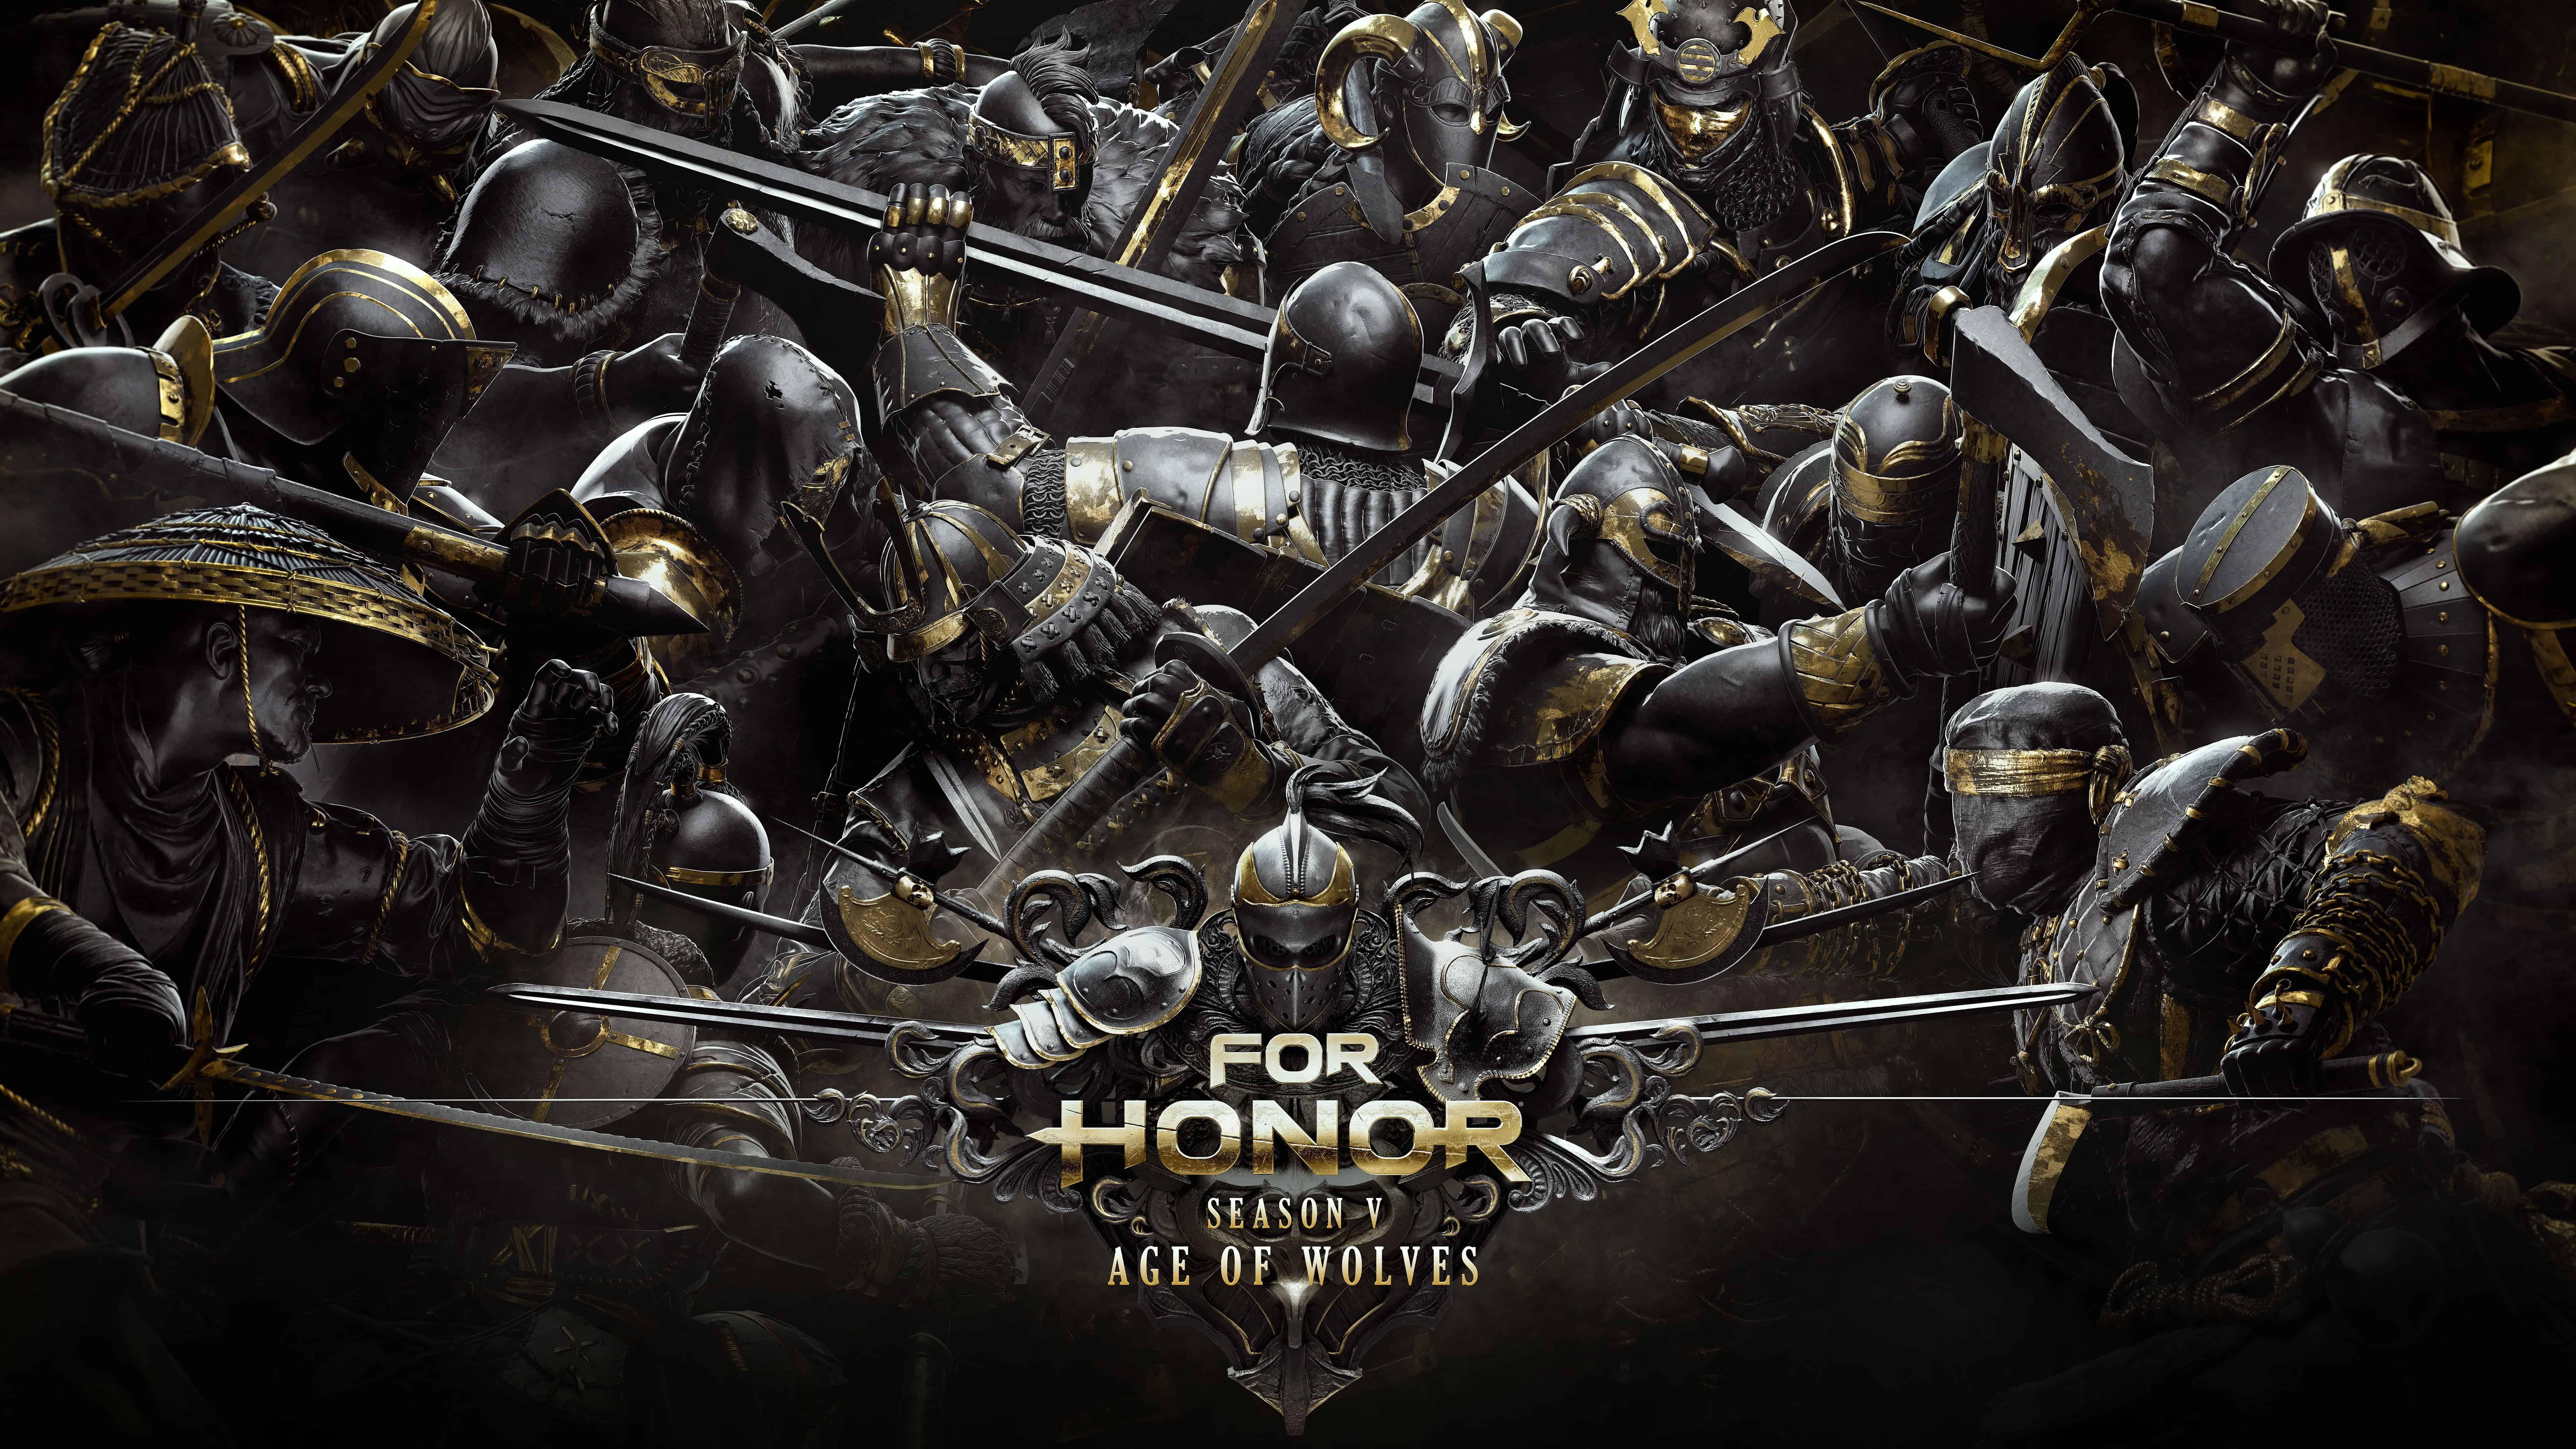 for honor season v age of wolves uhd 8k wallpaper